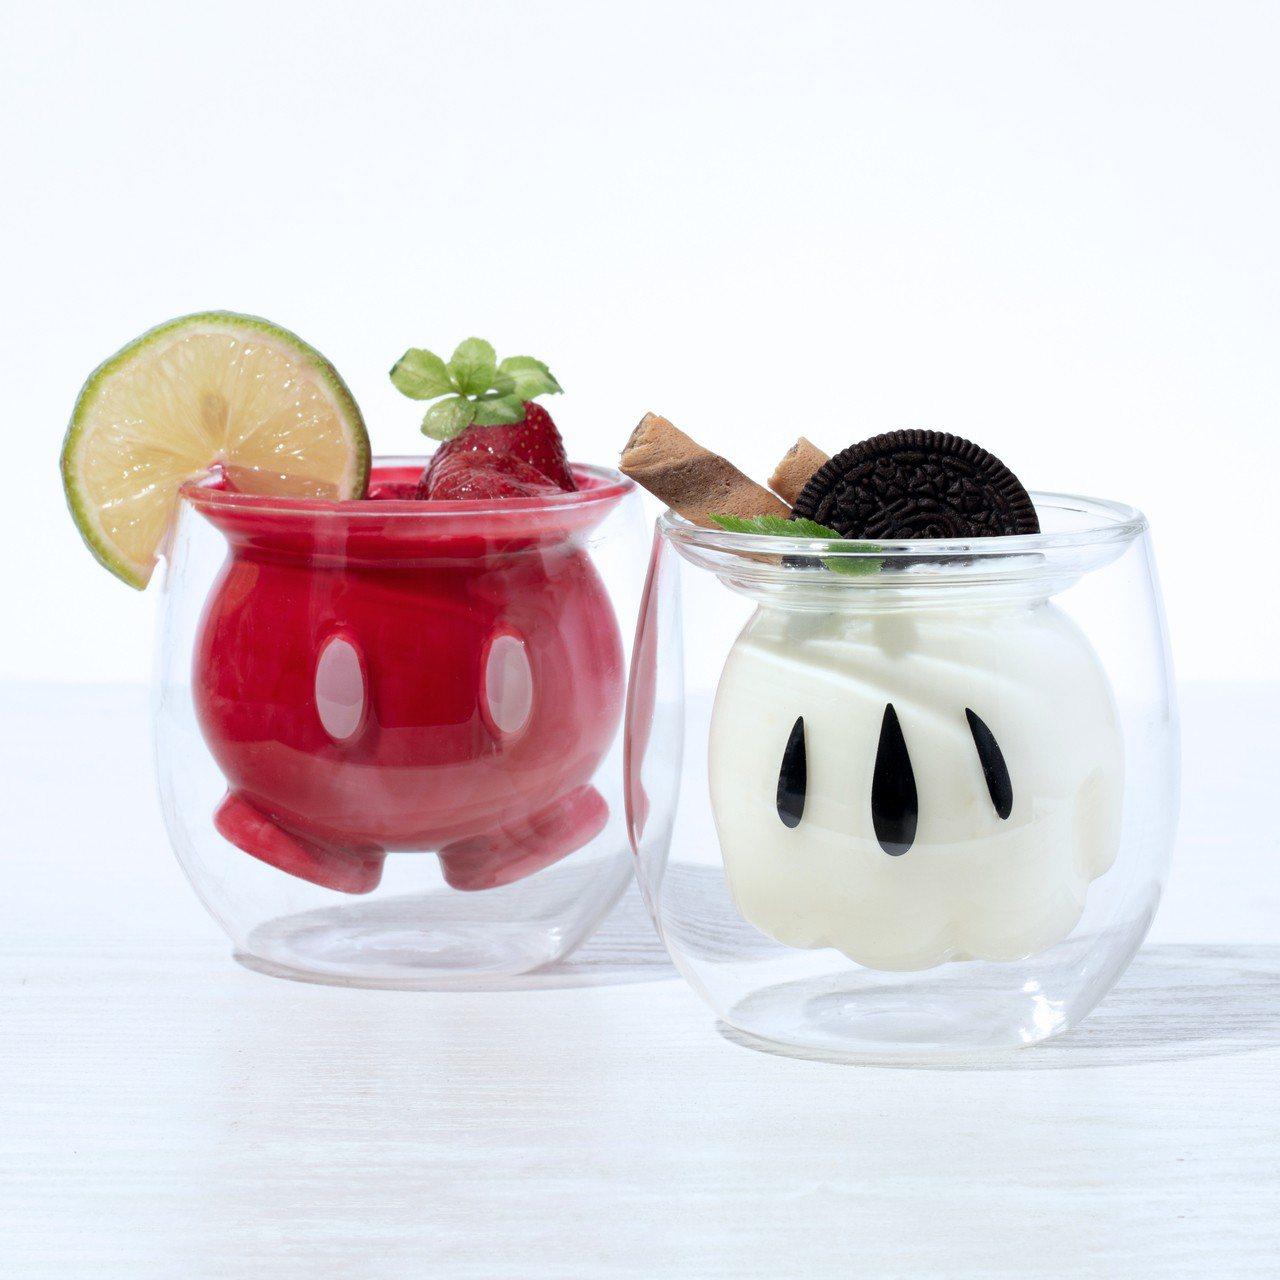 雙層玻璃杯包含褲子款、手套款,當杯子、擺飾或收納小物都很便利。圖/全家便利商店提...